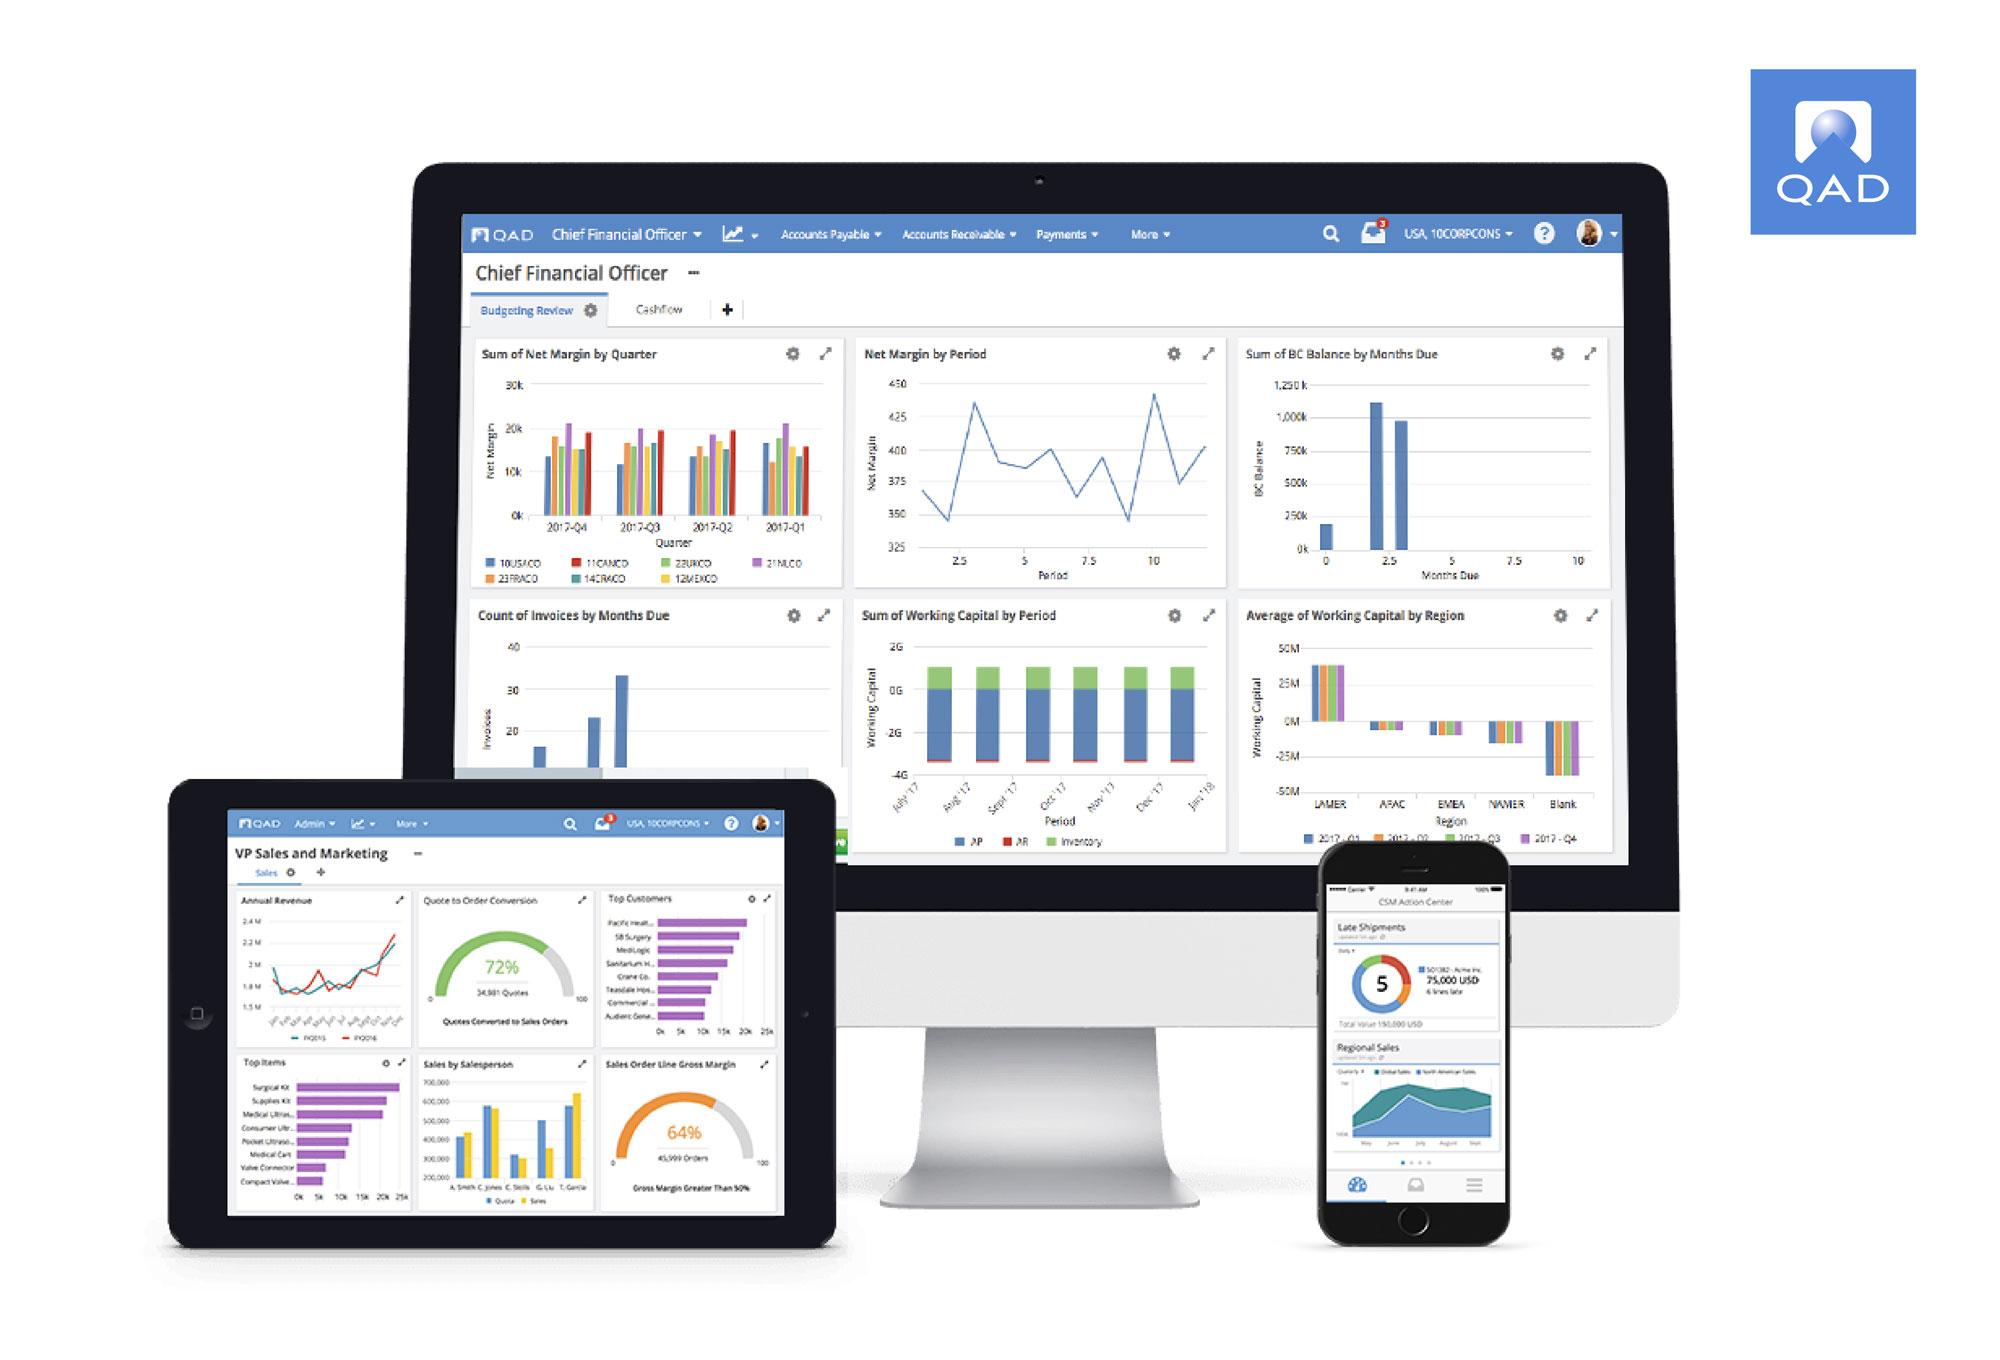 QADは、製造業に特化したクラウドベースのERPソフトウェアプロバイダーです。 ERPは、エンタープライズ・リソース・プランニングの略であり、組織のすべてのコアサプライチェーン、製造、サービス、財務、その他のプロセスを計画し、管理するために使用されるソフトウェアとシステムを指します。